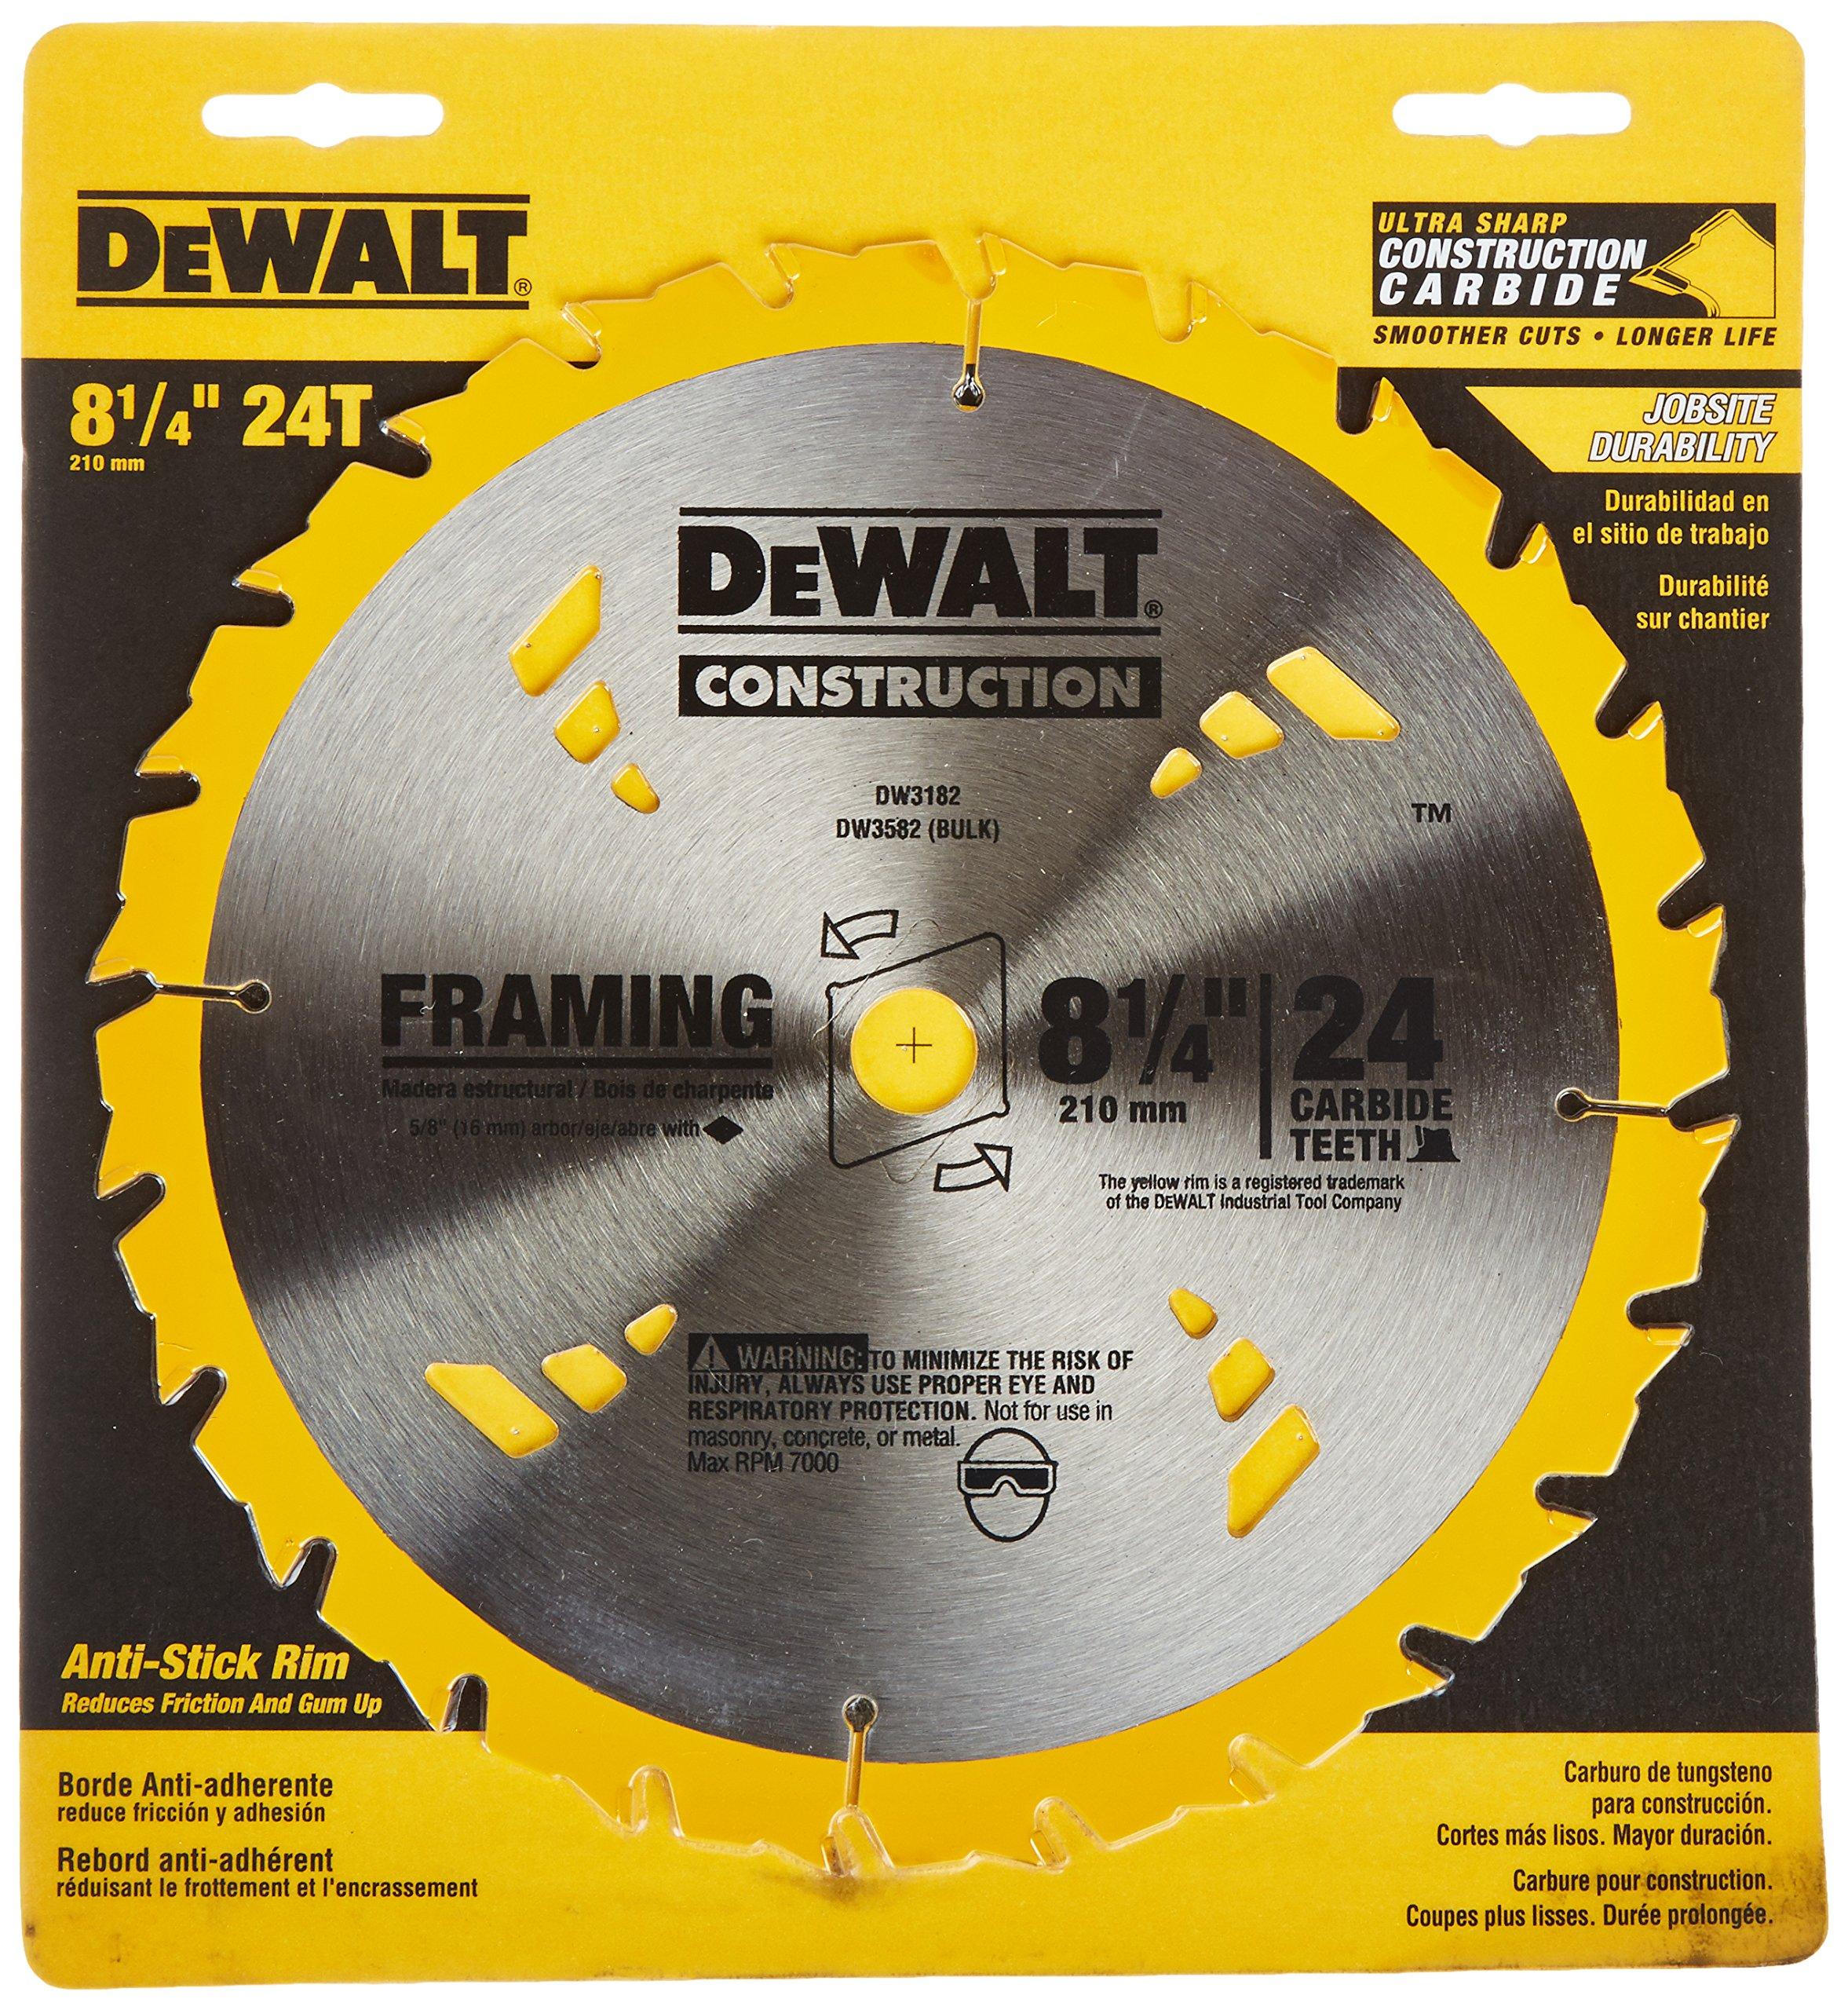 Disco Sierra Dewalt 8 1 / 4i Atb Framing Con 5 / 8i Eje 24